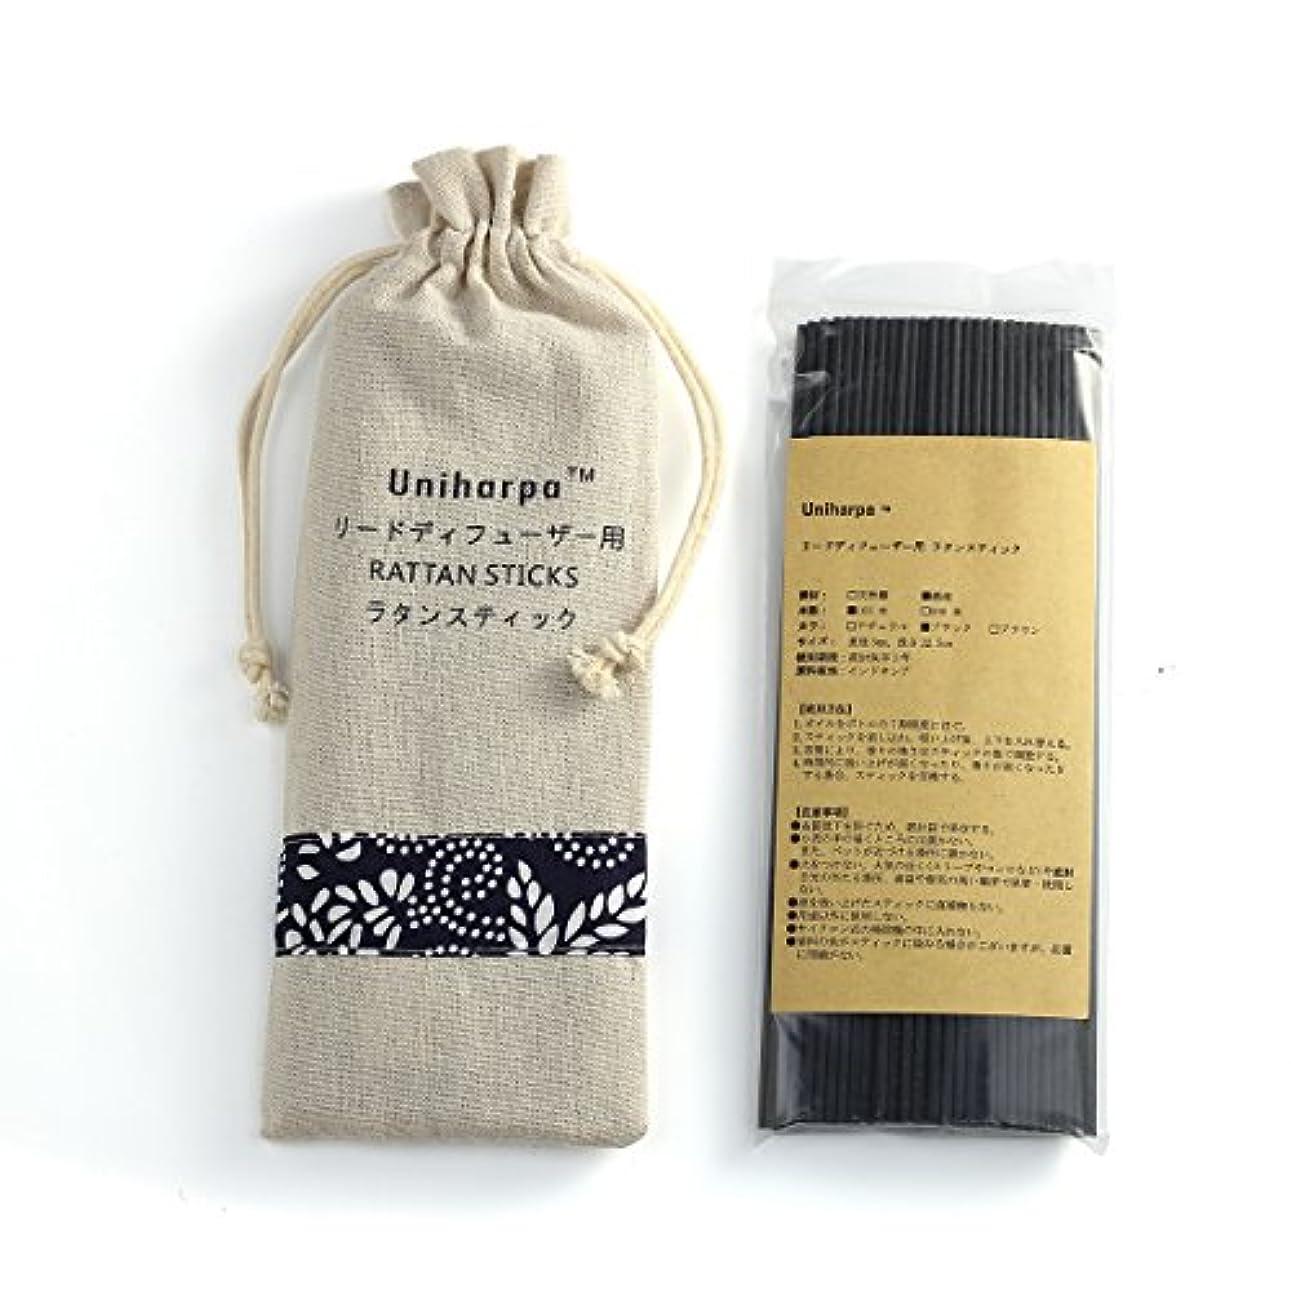 たくさんの動員する離婚リードディフューザー用 ラタンスティック/リードスティック リフィル 繊維素材 22.5cm 直径3mm 100本入 乾燥剤入り オリジナル旅行専用袋付 (ブラック)